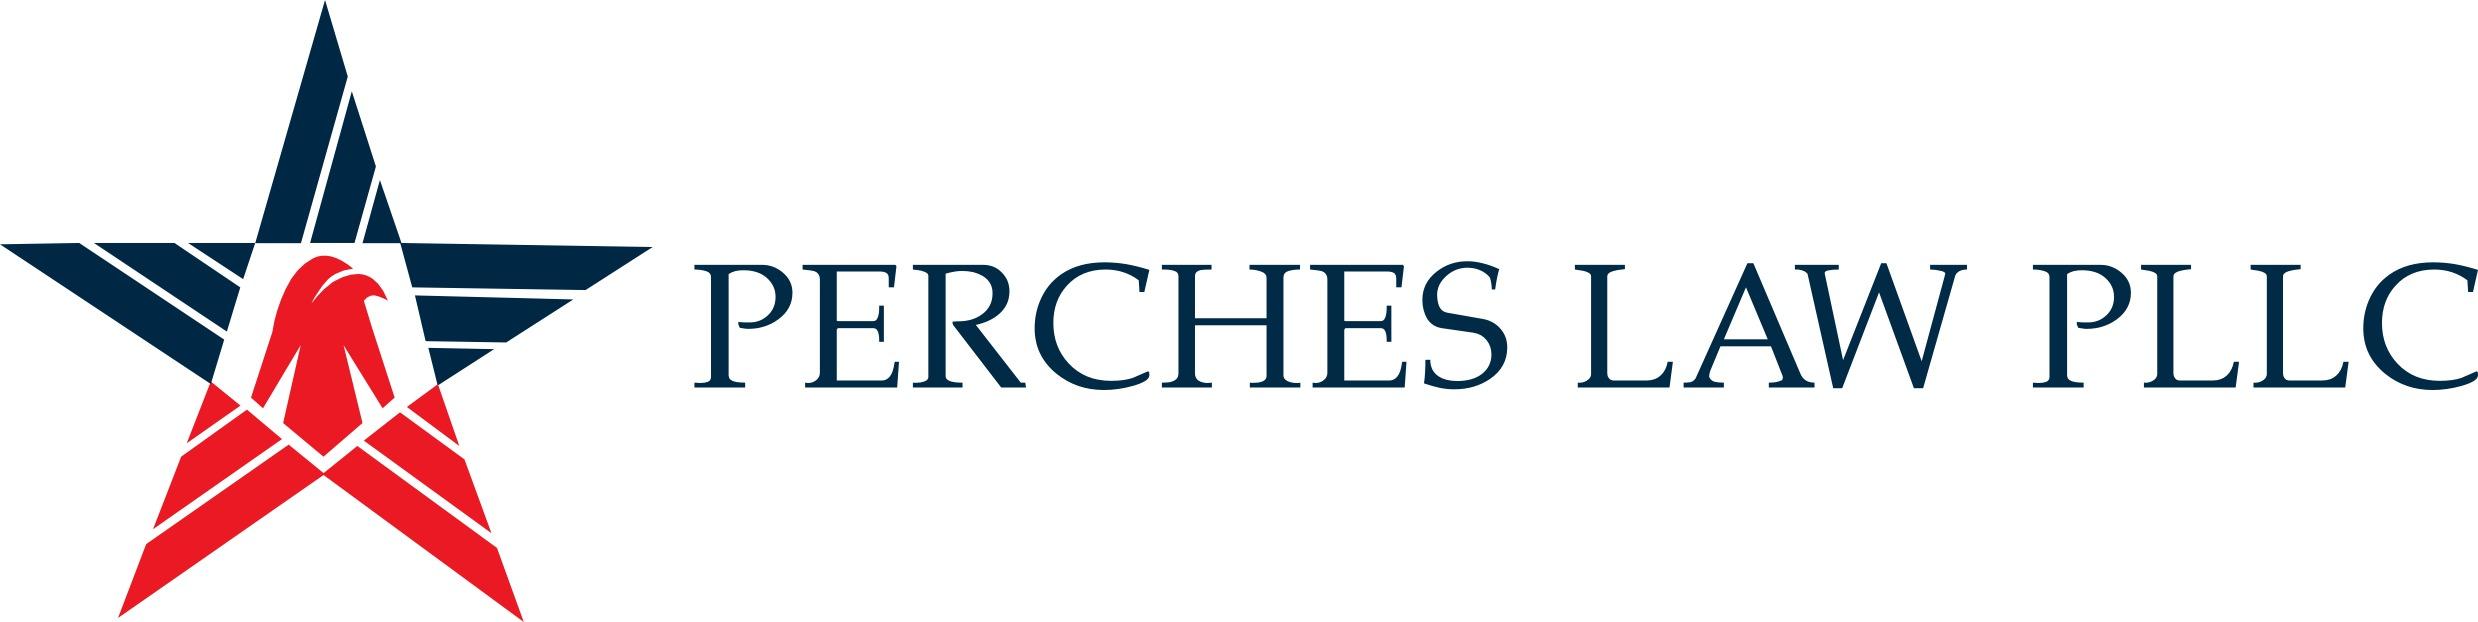 Perches Law, PLLC